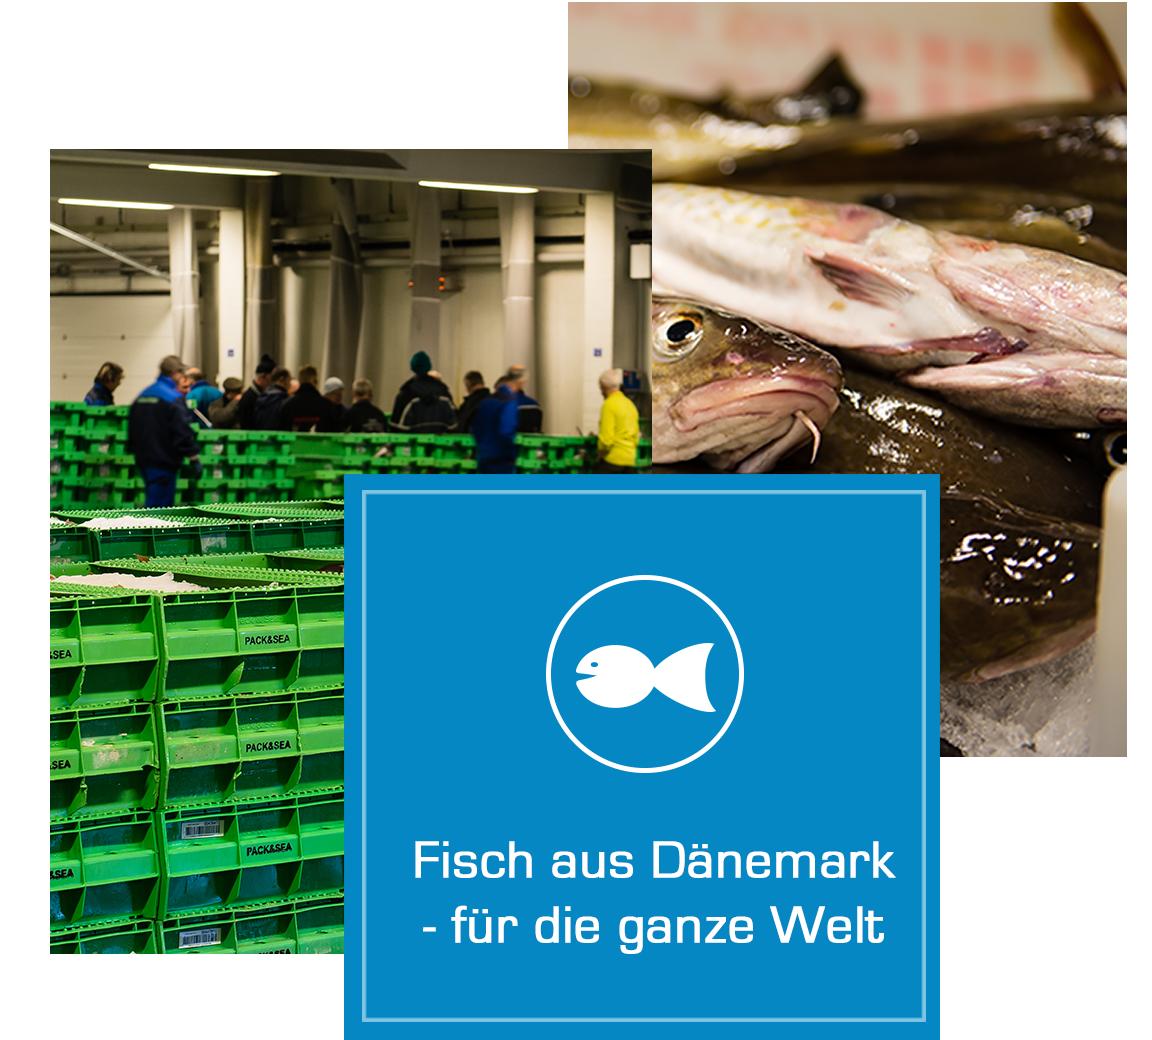 Fisch aus Dänemark für die ganze Welt